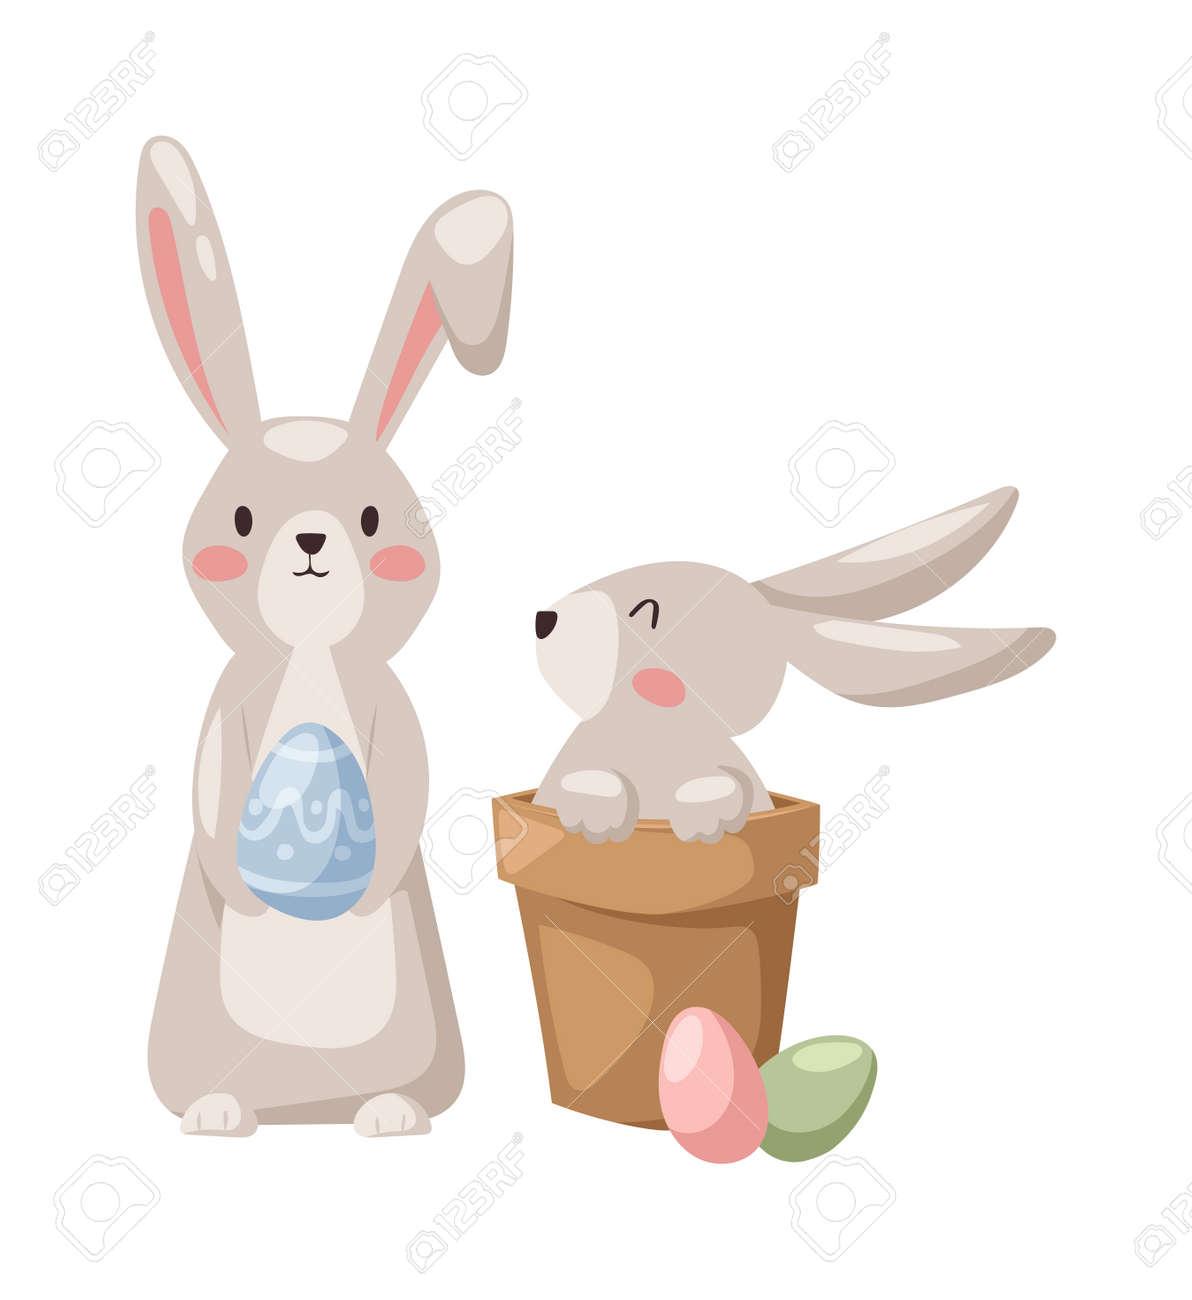 灰色の卵春季節行事と幸せウサギ ウサギ頭の伝統的なシンボルと